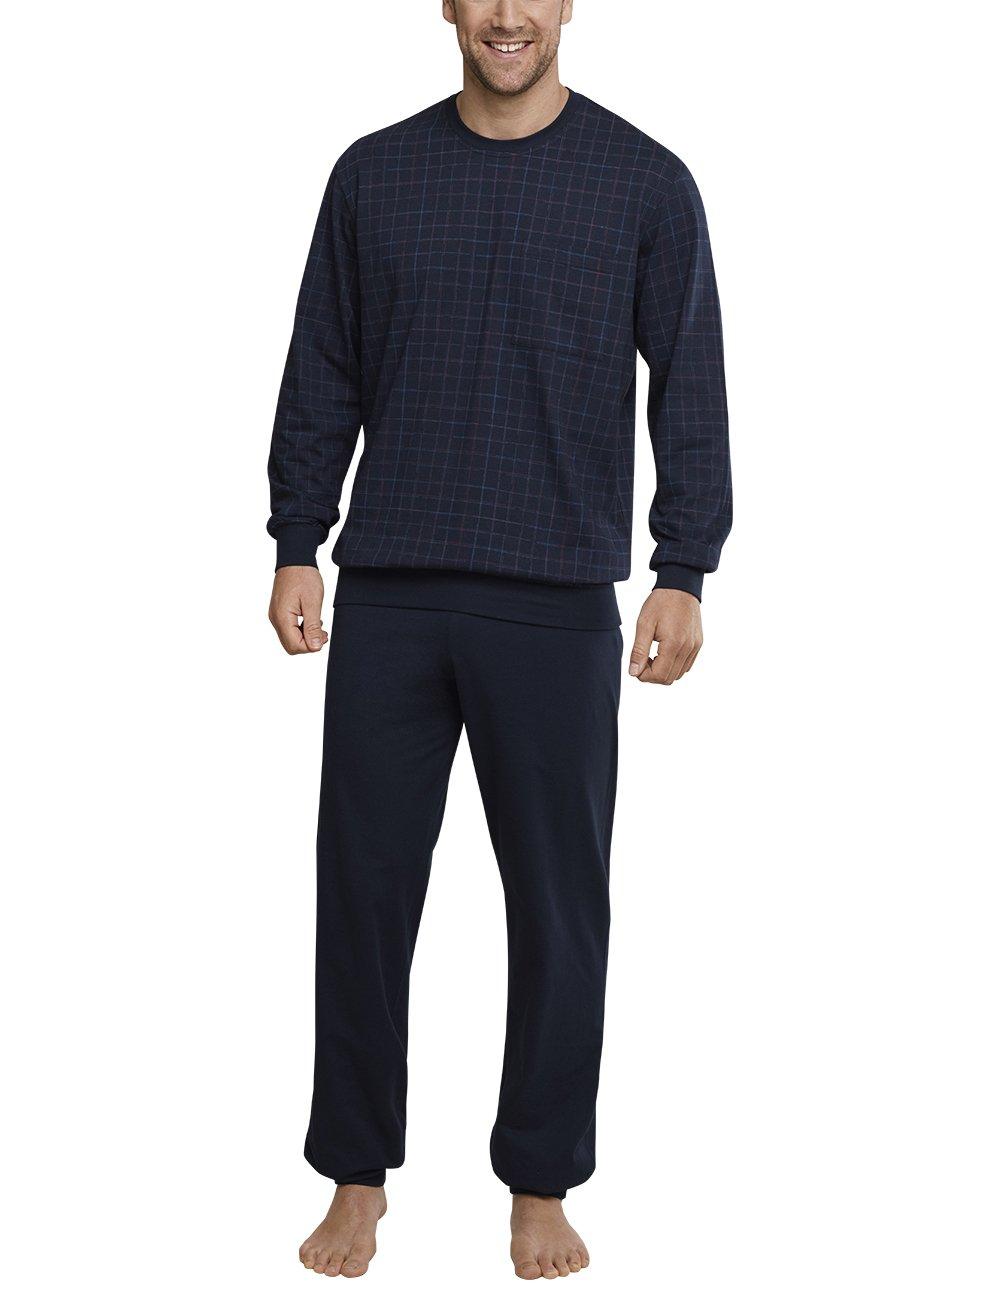 Anzug Lang, Conjuntos de Pijama para Hombre, Azul (Dunkelblau 803), Small (Talla del Fabricante: 048) Schiesser